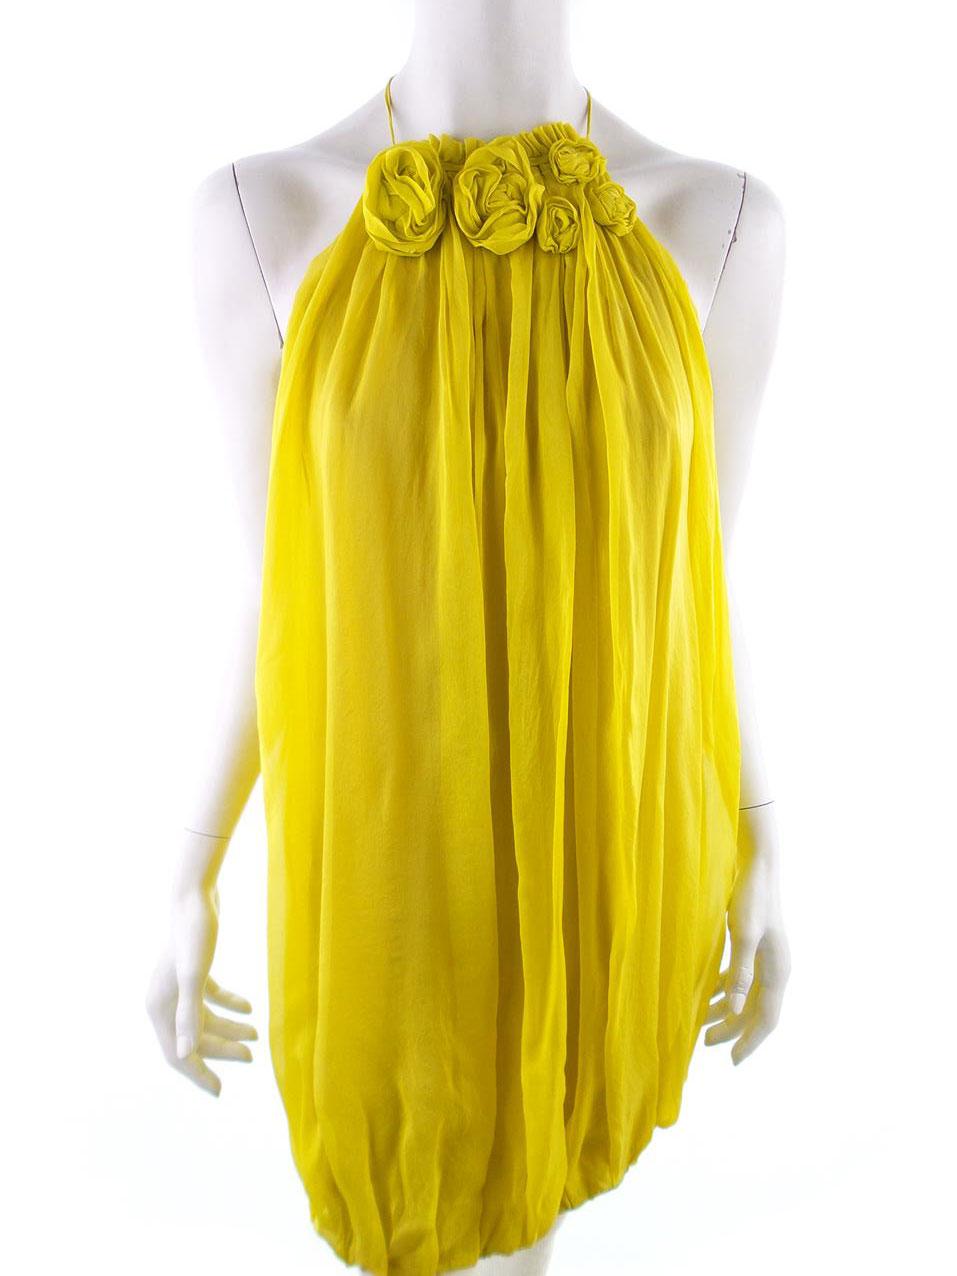 fa7dadf0aa84 Zara storlek M En gul ballongklänning | RomanticFashion.se